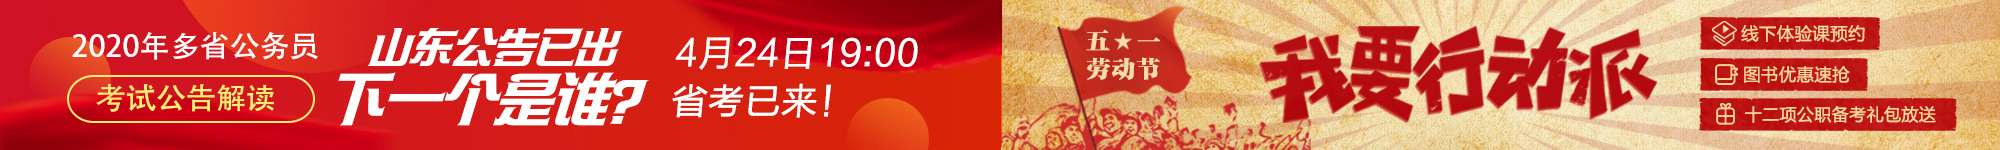 山东省考公告解读峰会及五一活动专题